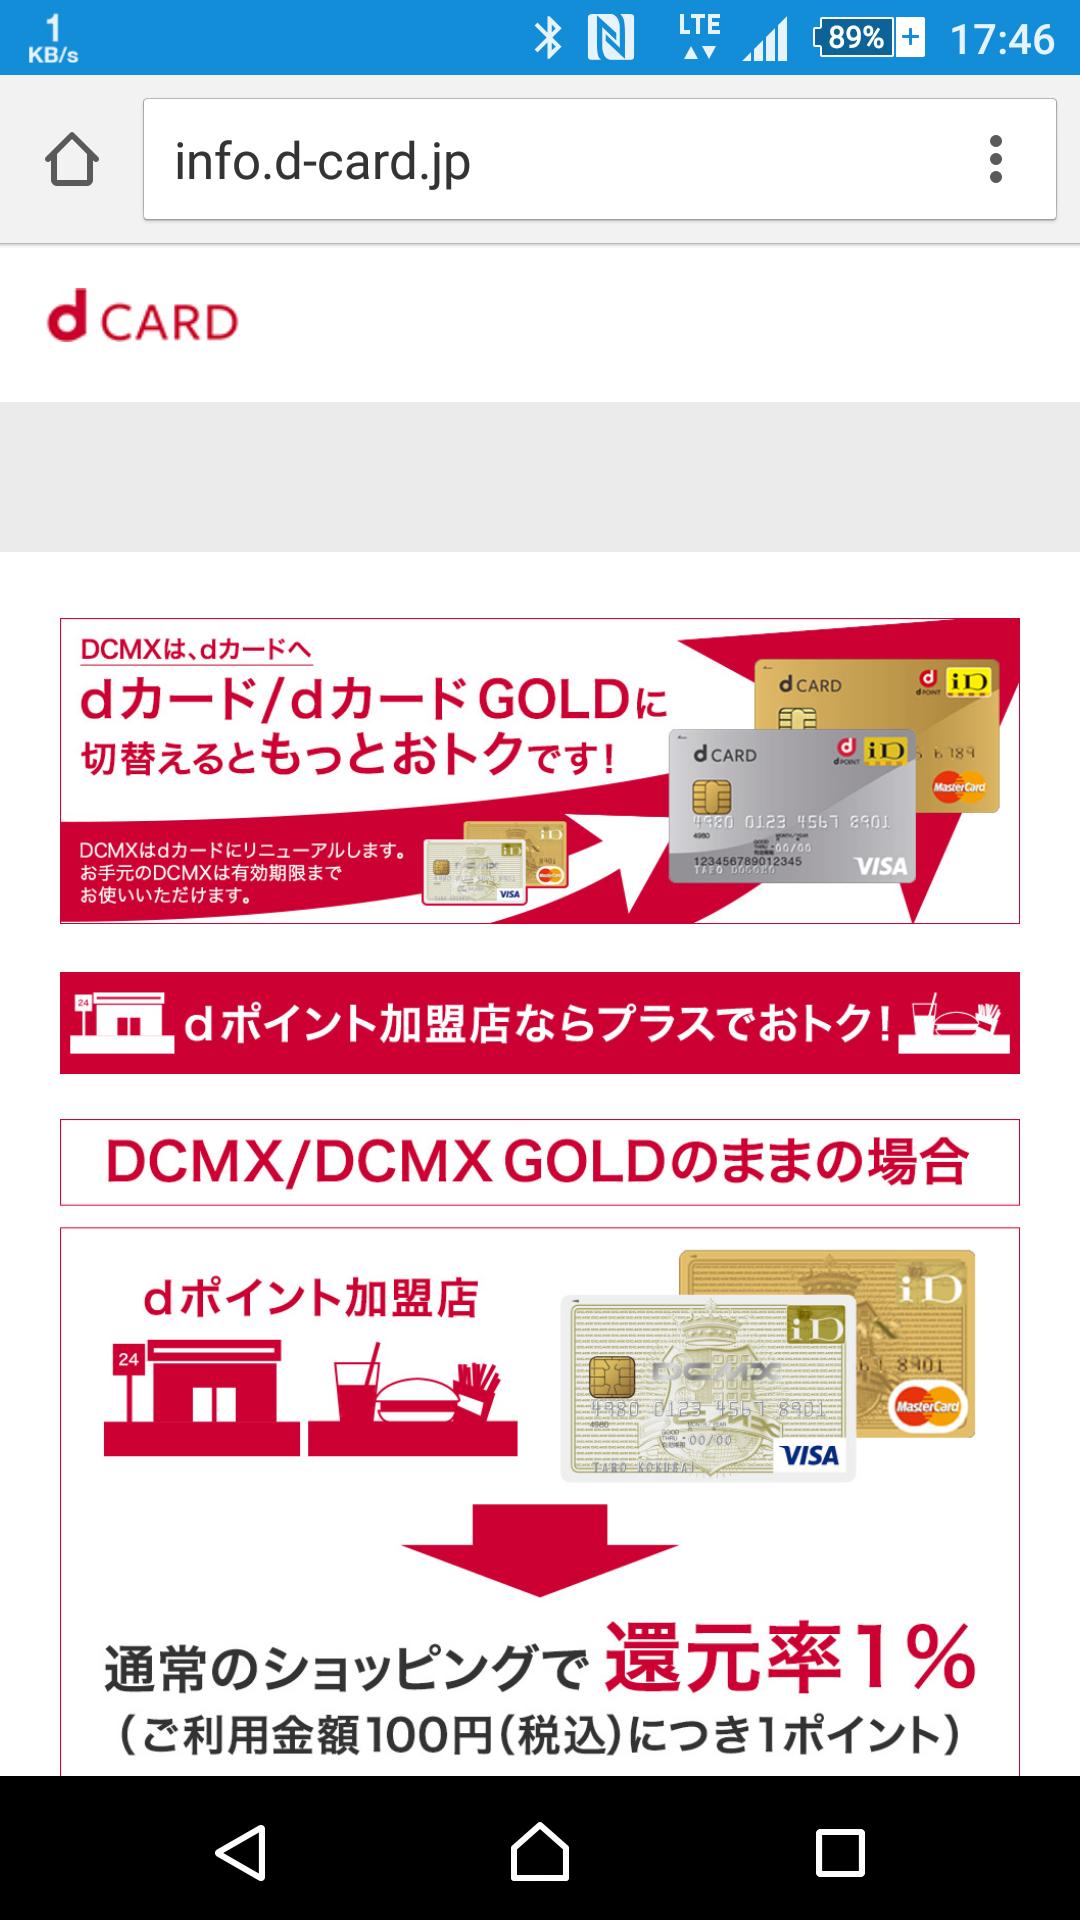 DCMX → dカードへの切替方法 – スマートフォンからの切替がカンタン、カード番号や有効期限はそのまま